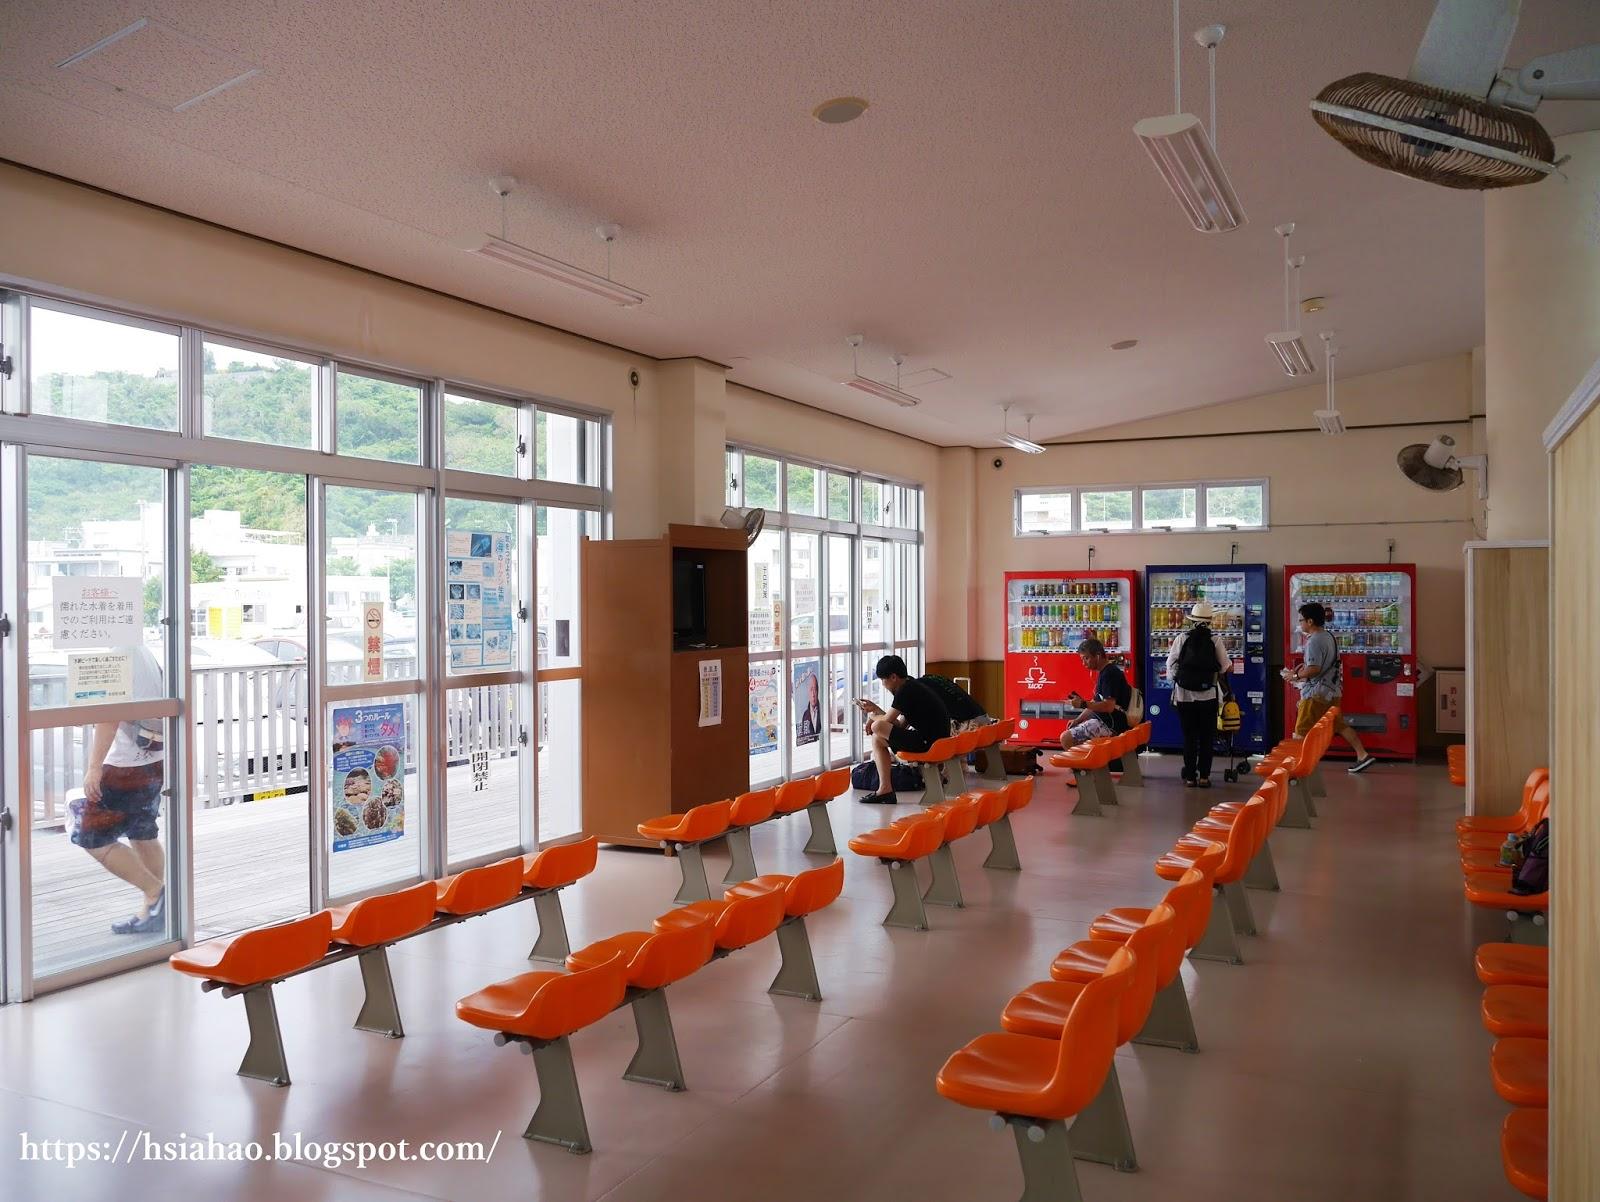 沖繩-渡久地港-水納島-Minna-渡輪-交通-推薦-自由行-旅遊-Okinawa